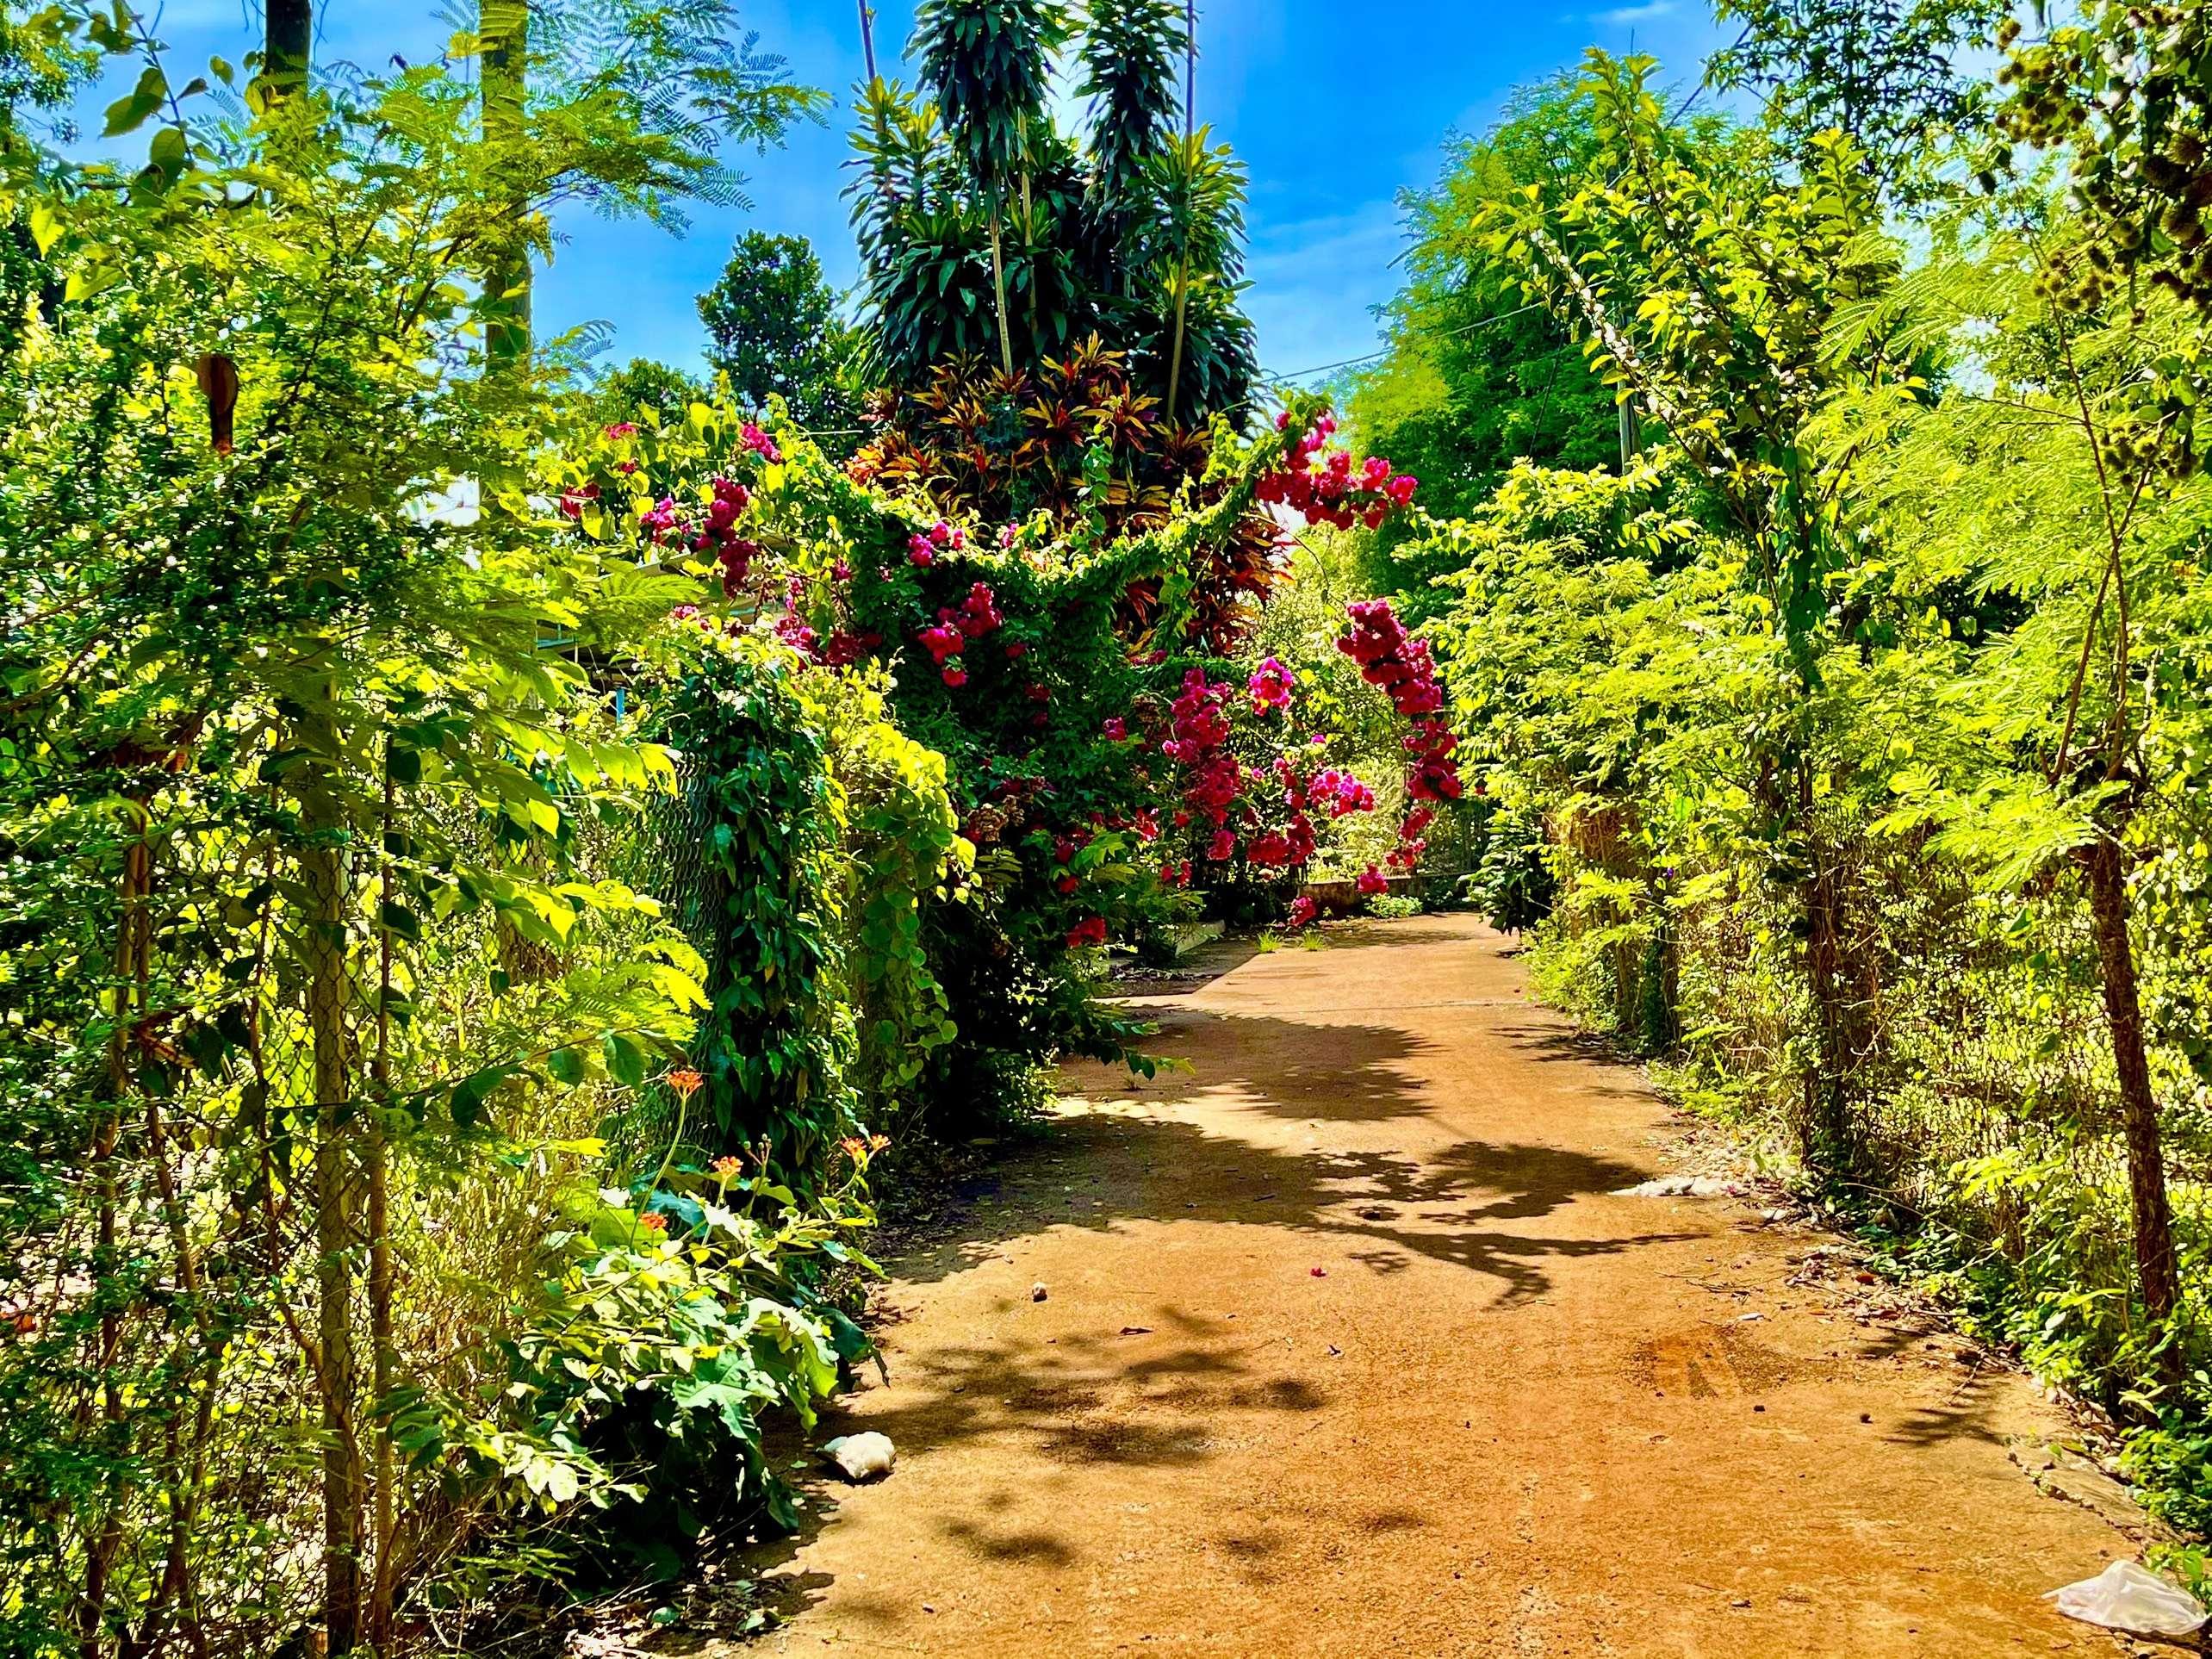 N011 - [ NGHĨ DƯỠNG ] Bán nhà vườn 2000m2 gần TP Long Khánh, mặt tiền đường bê tông, có sẵn nhà cấp 4 khang trang giá 2.2 tỷ tại thị trấn Long Giao, Cẩm Mỹ, Đồng Nai